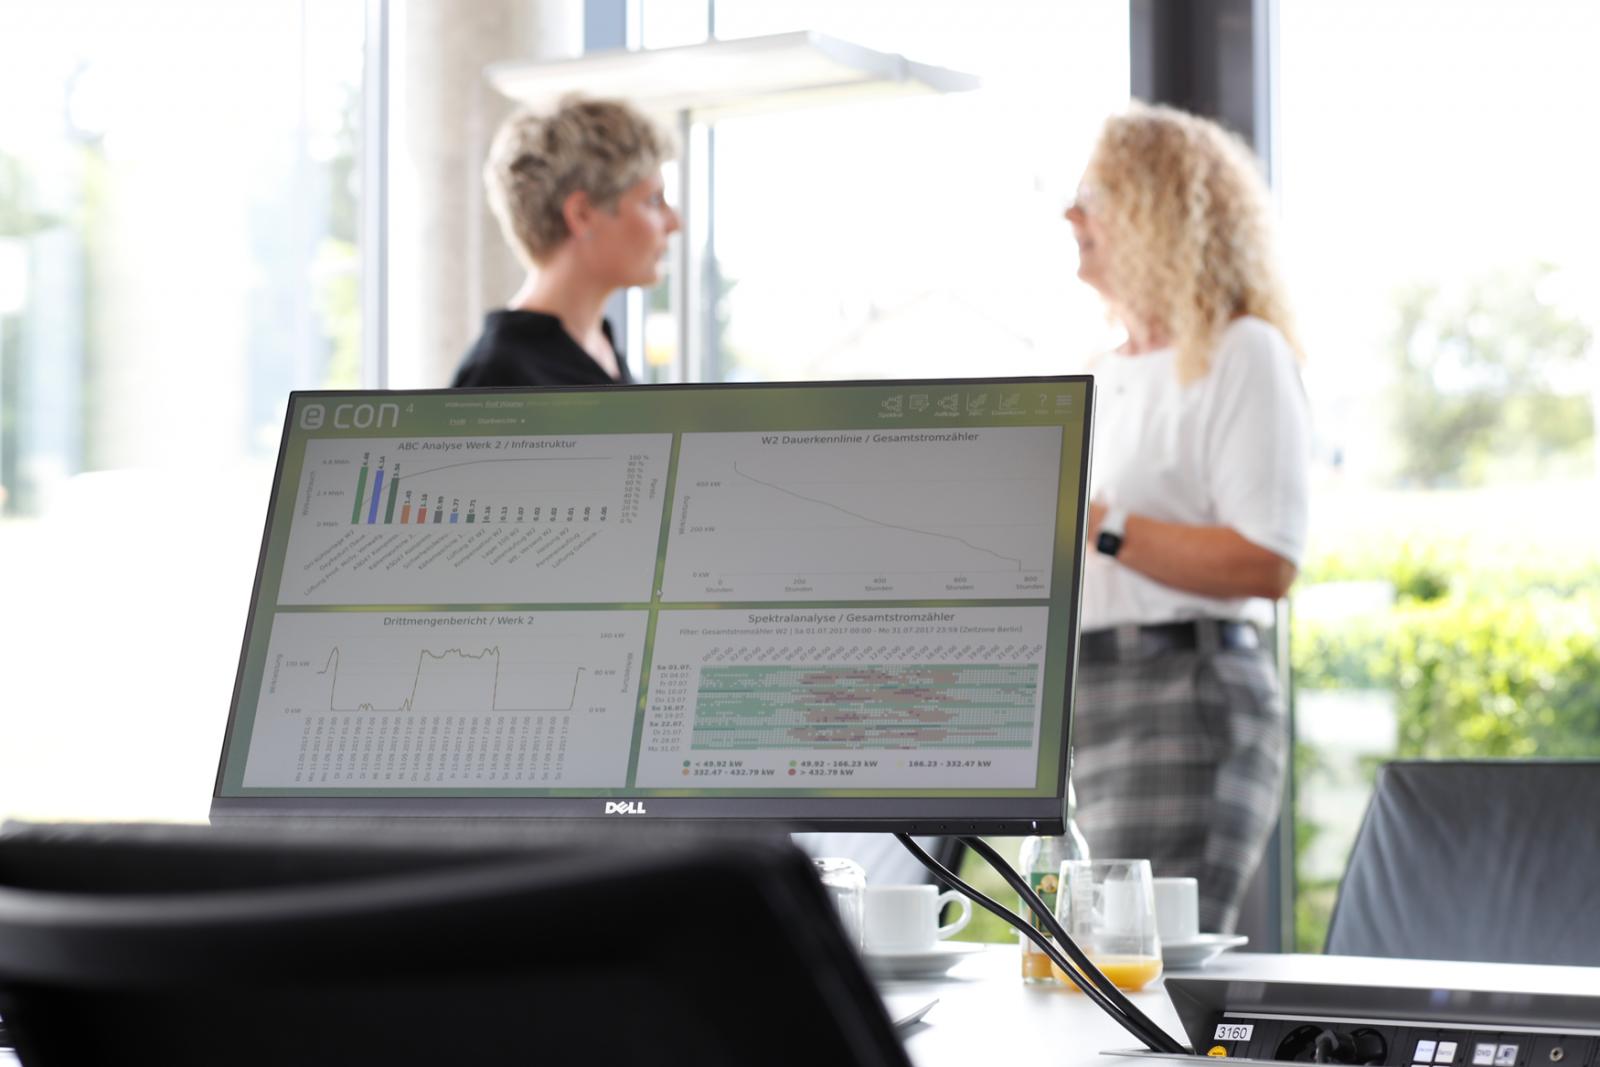 Softwarescreen, im Hintergrund zwei Frauen im Gespräch